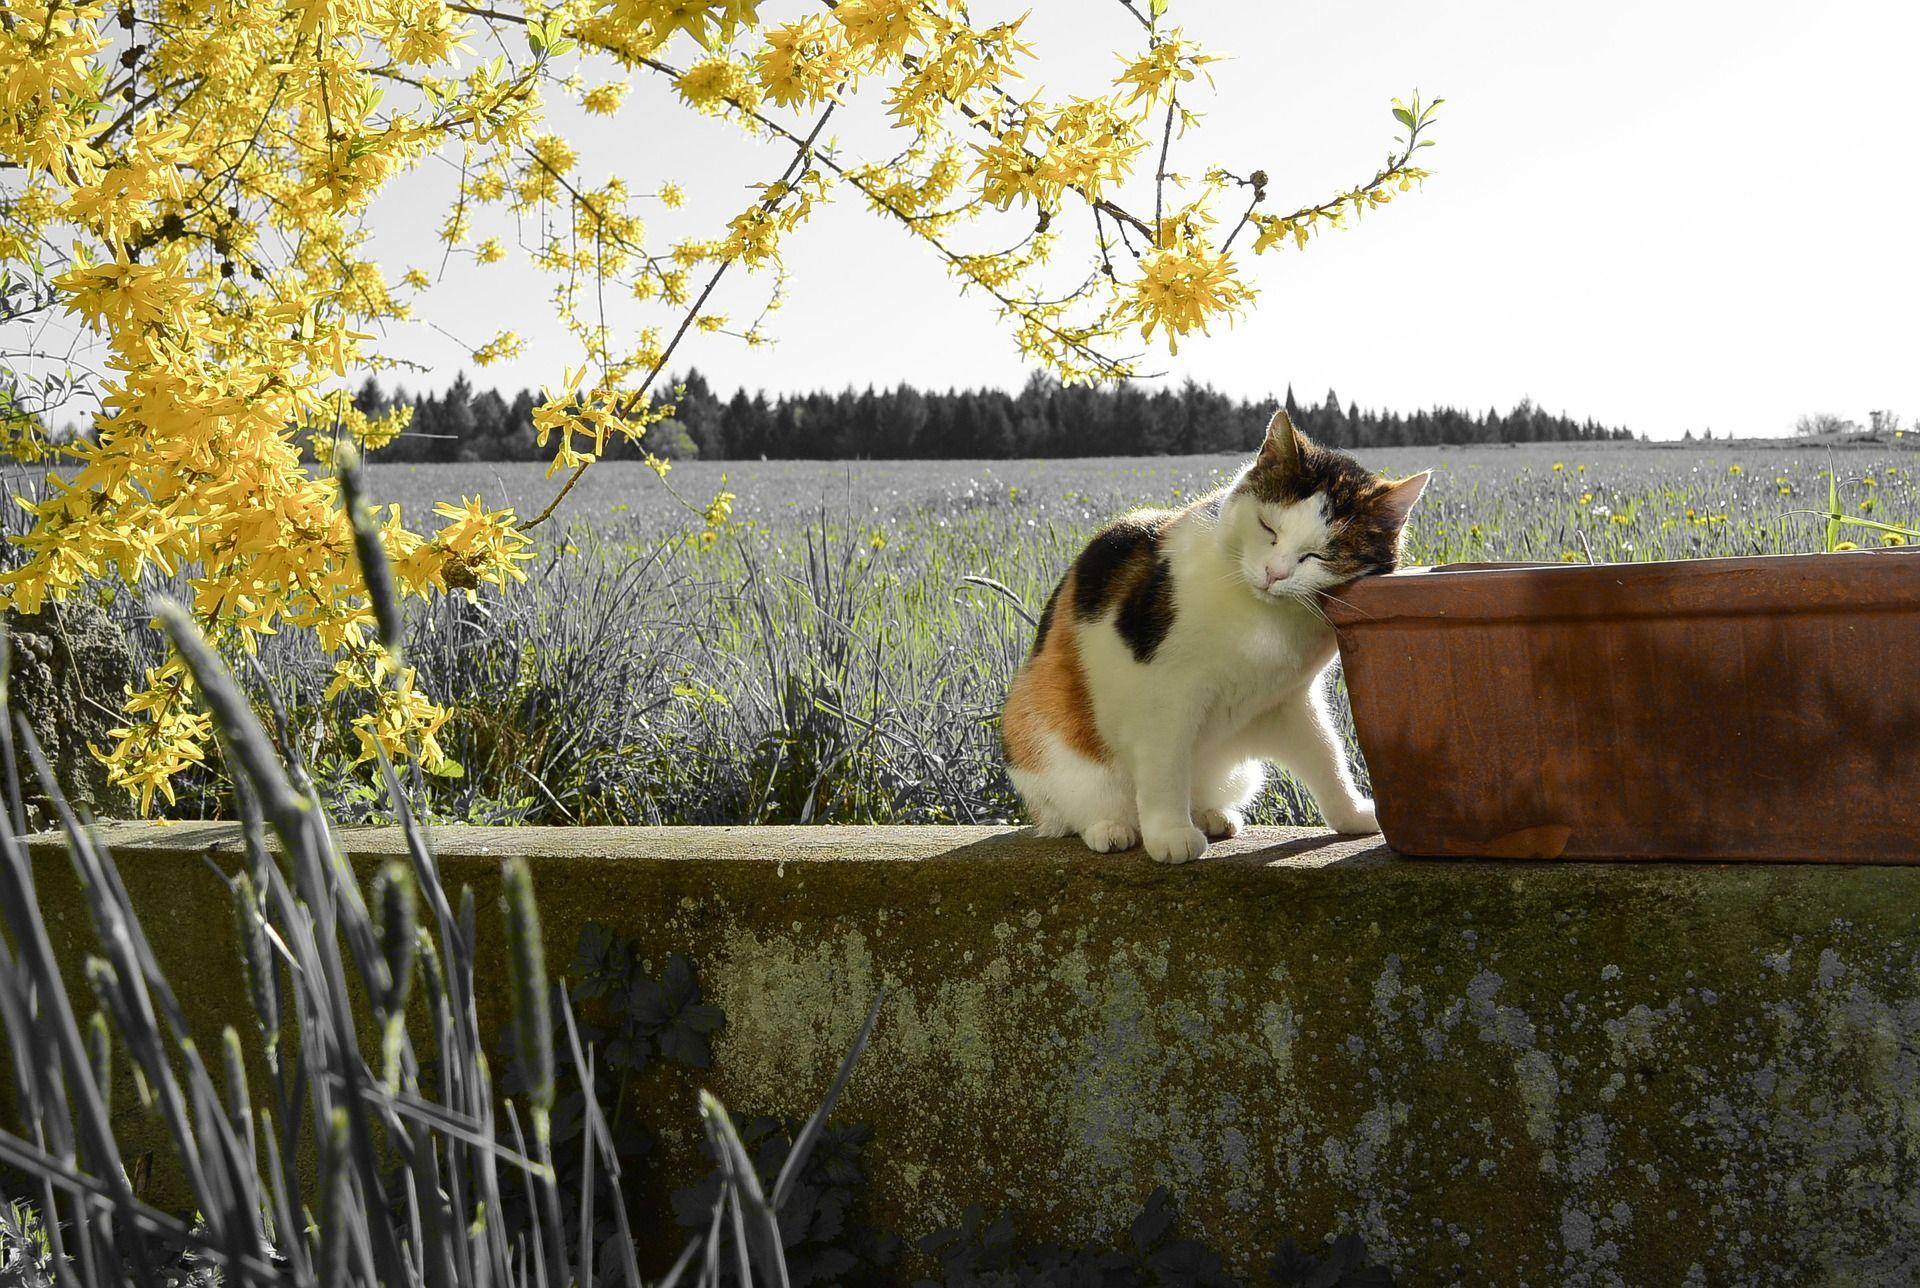 Wetter am Wochenende: Frühlingsbeginn bringt viel Sonnenschein